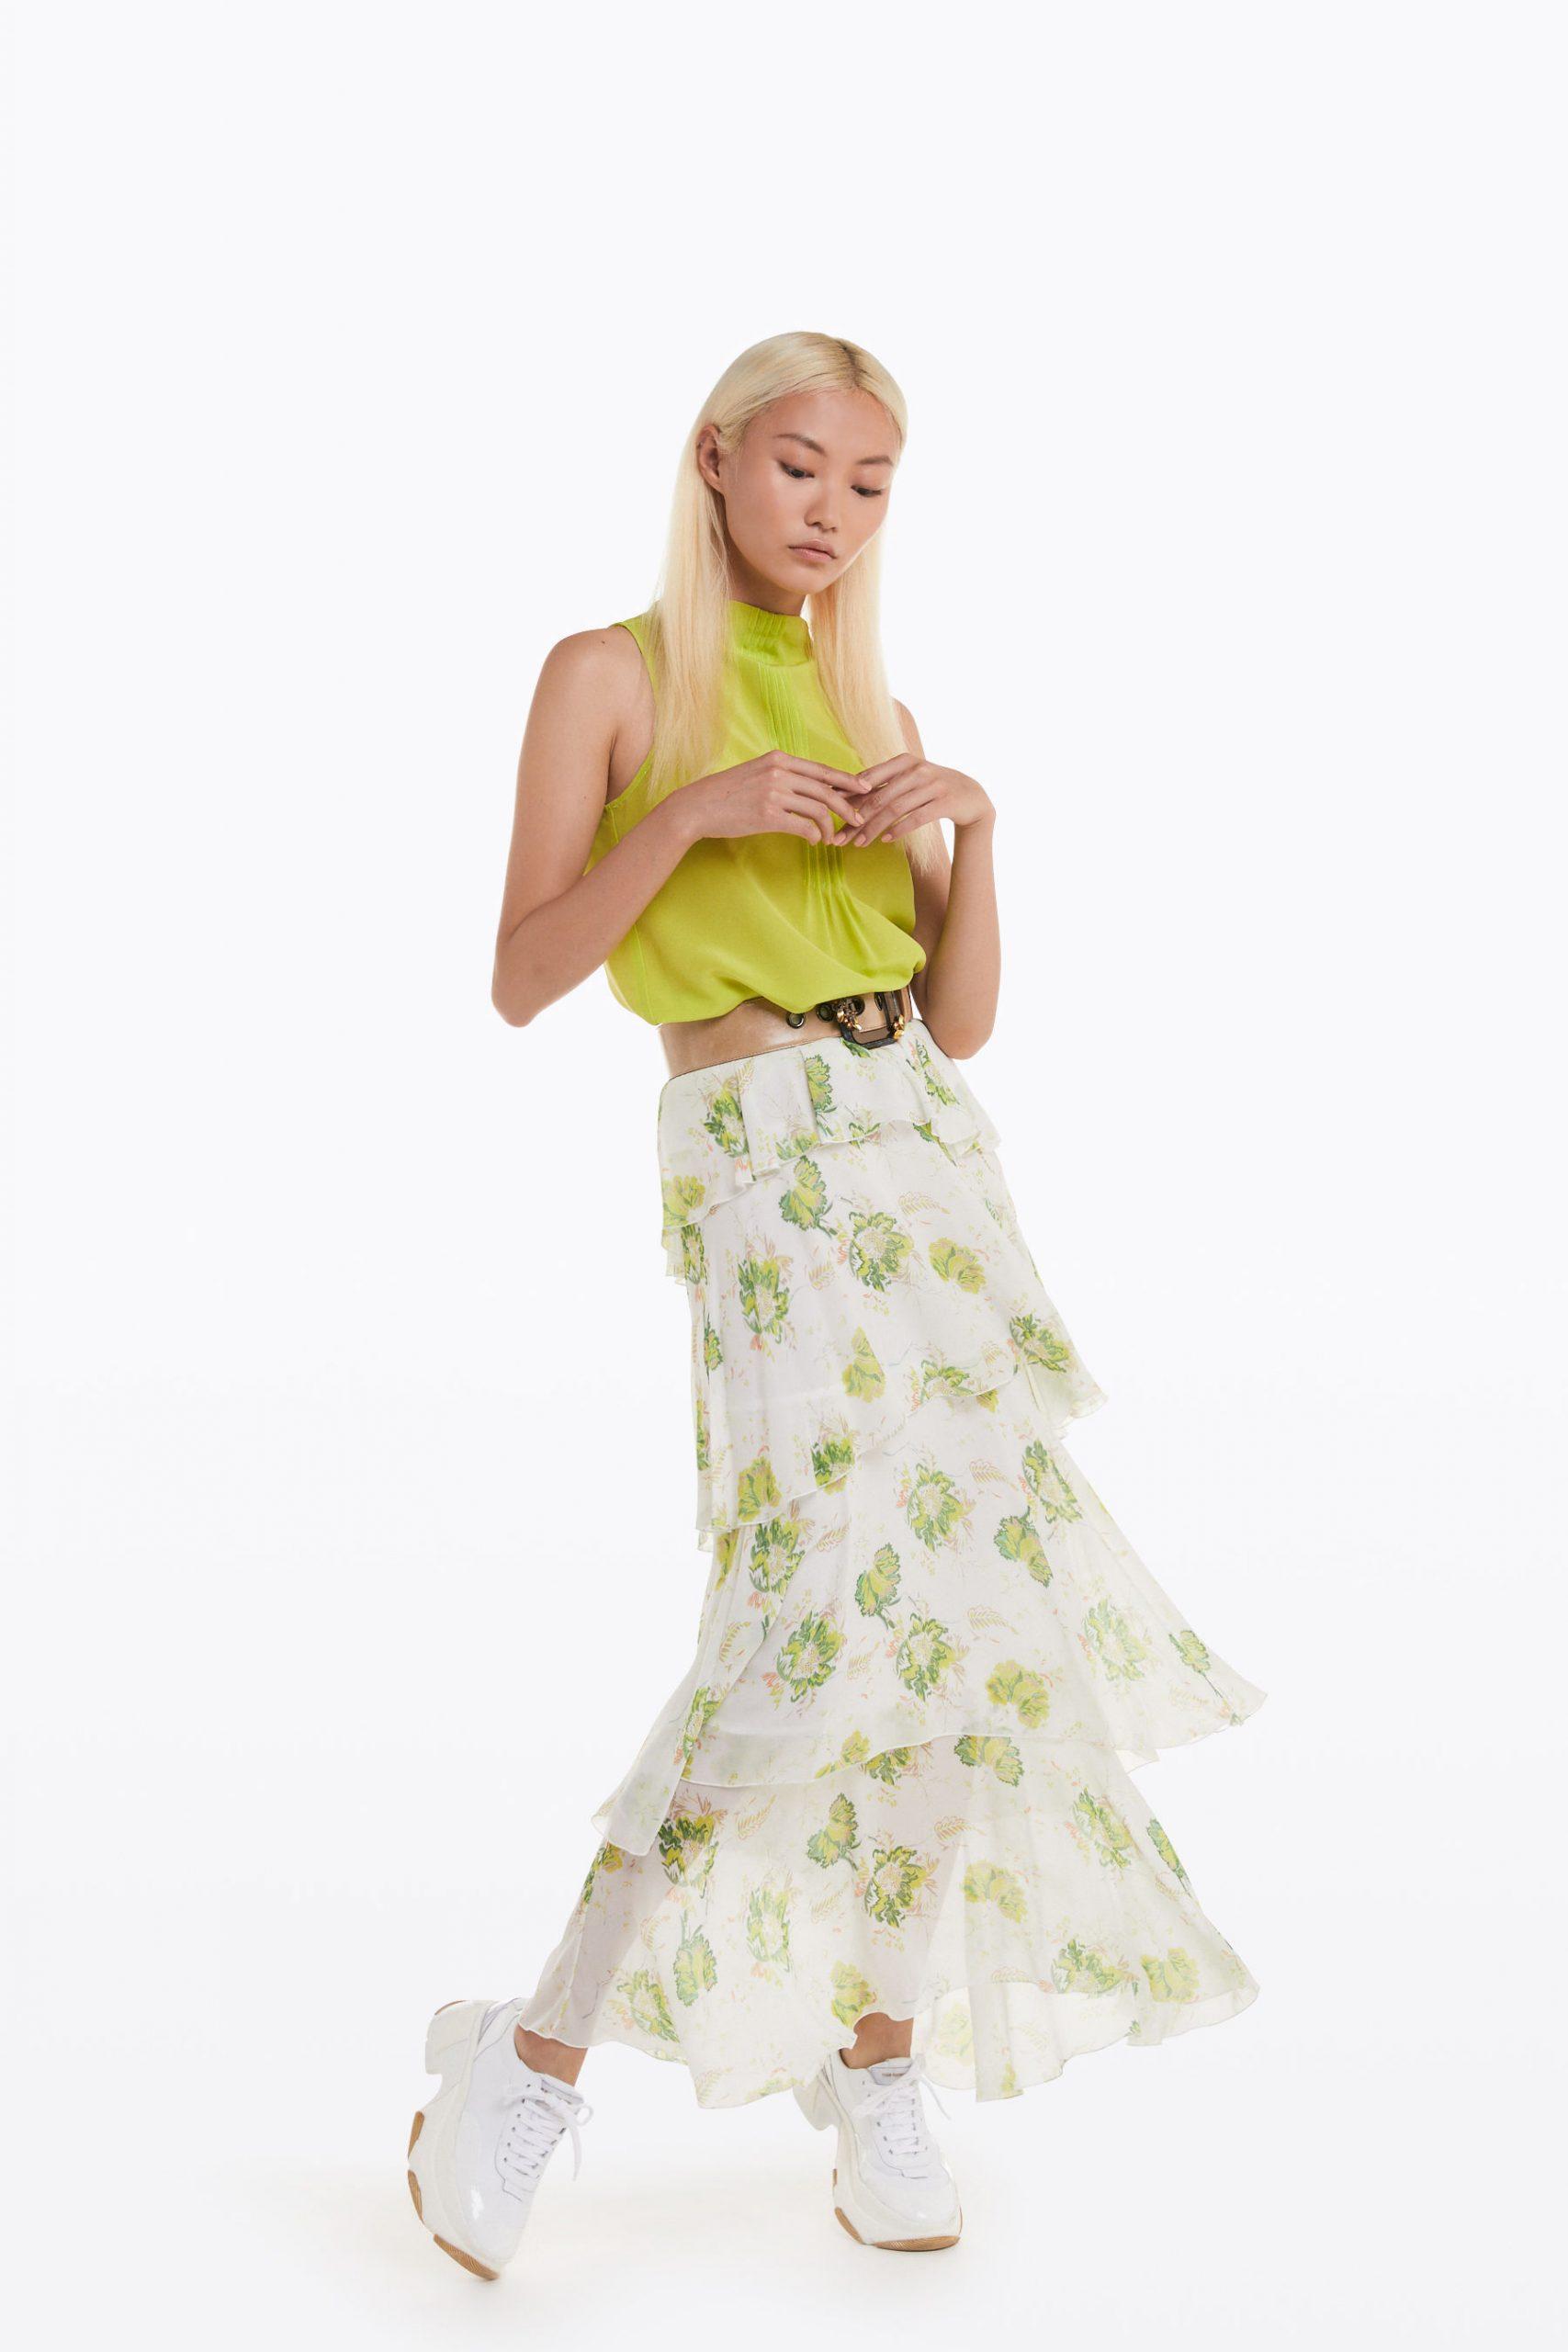 Abbigliamento Patrizia Pepe  Top in Seta Brave Yellow female collezione 2020 shop the look